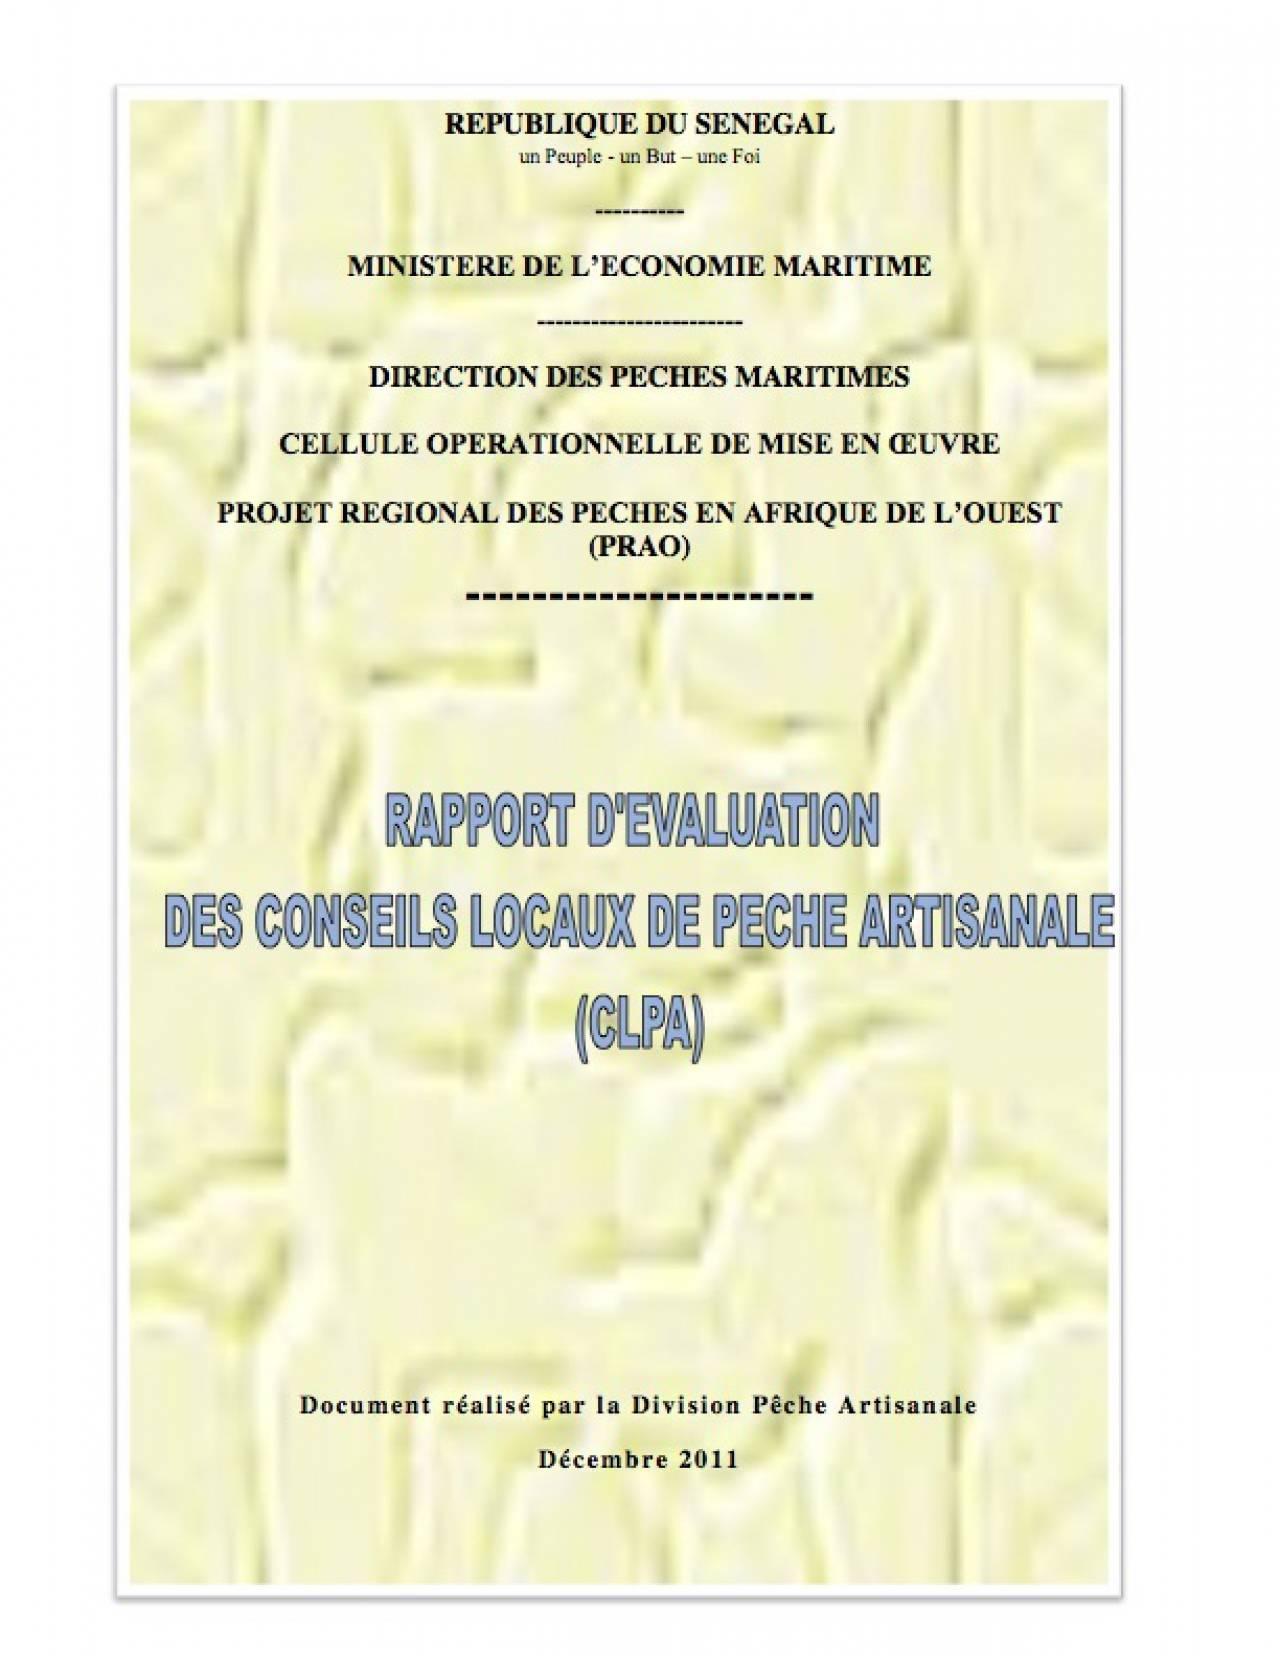 Rapport d'évaluation des Conseils Locaux de Pêche Artisanale (CLPA)